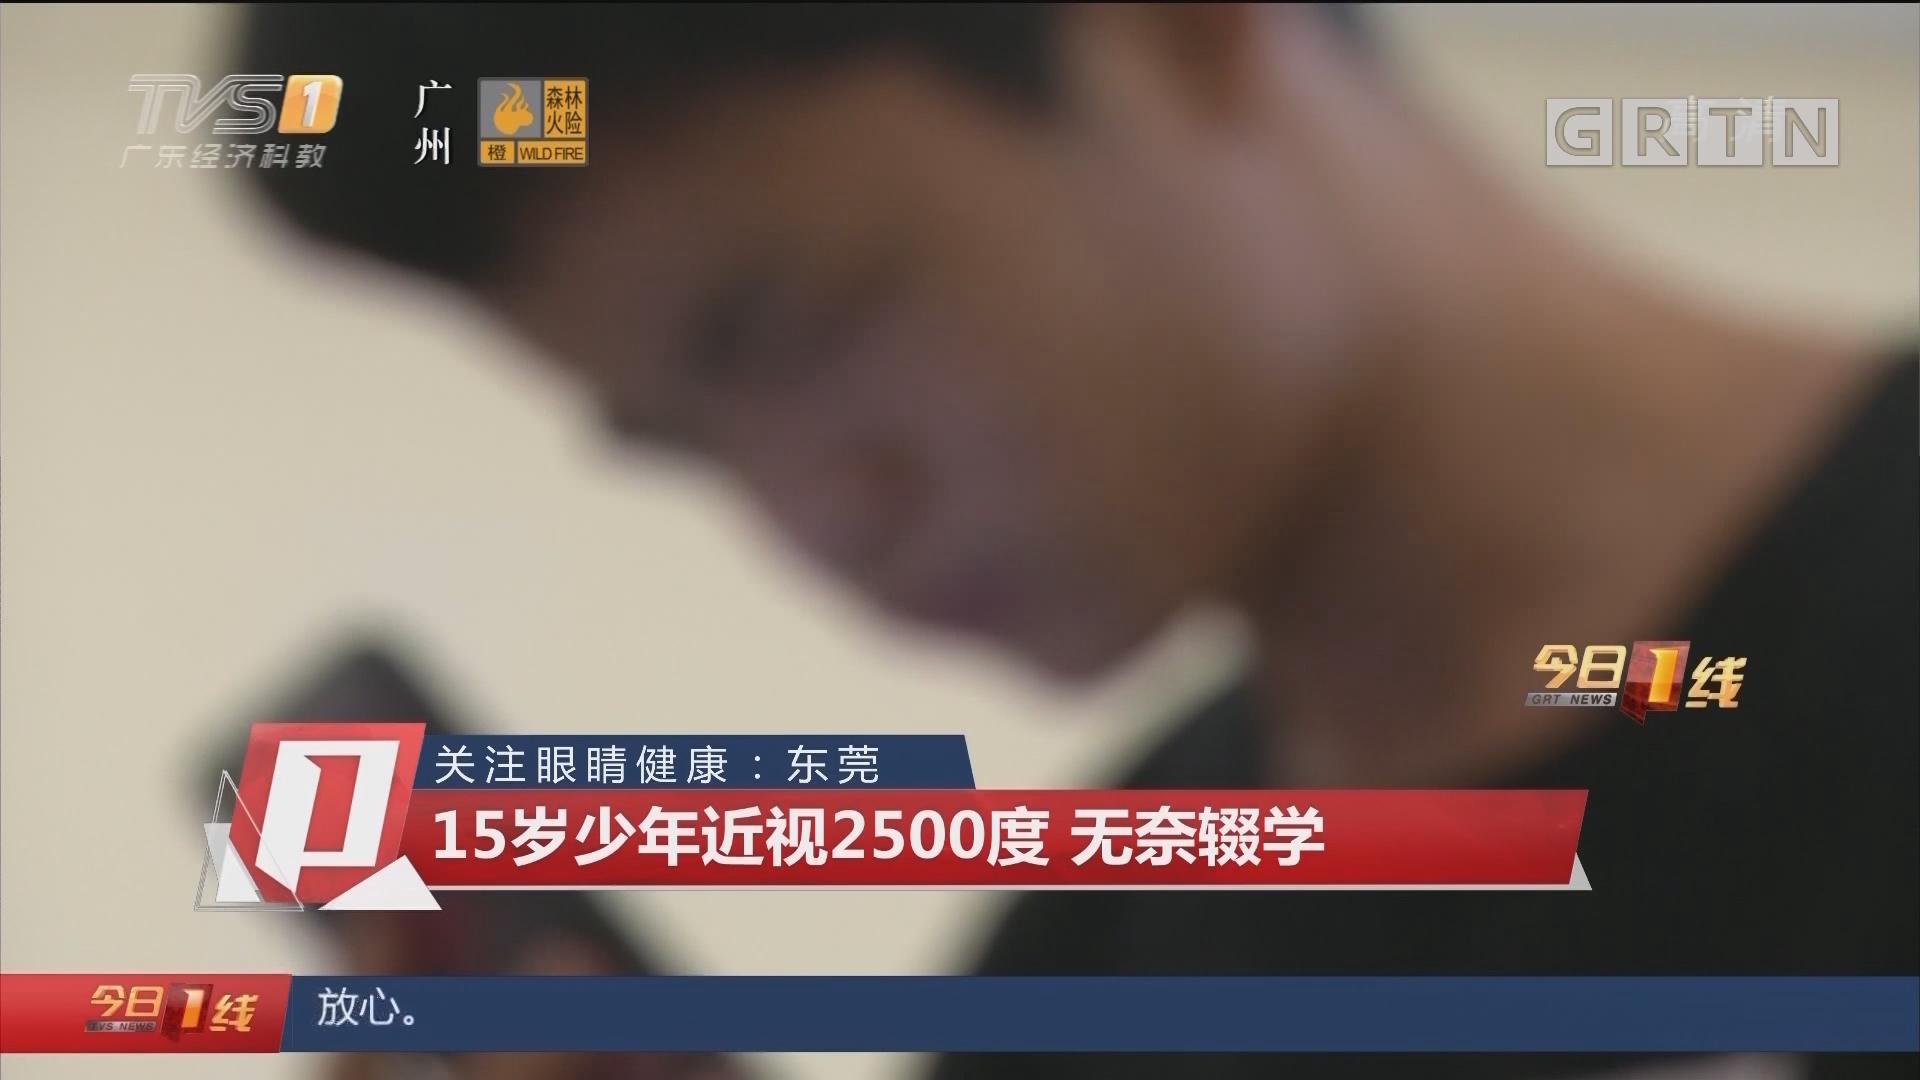 关注眼睛健康:东莞 15岁少年近视2500度 无奈辍学